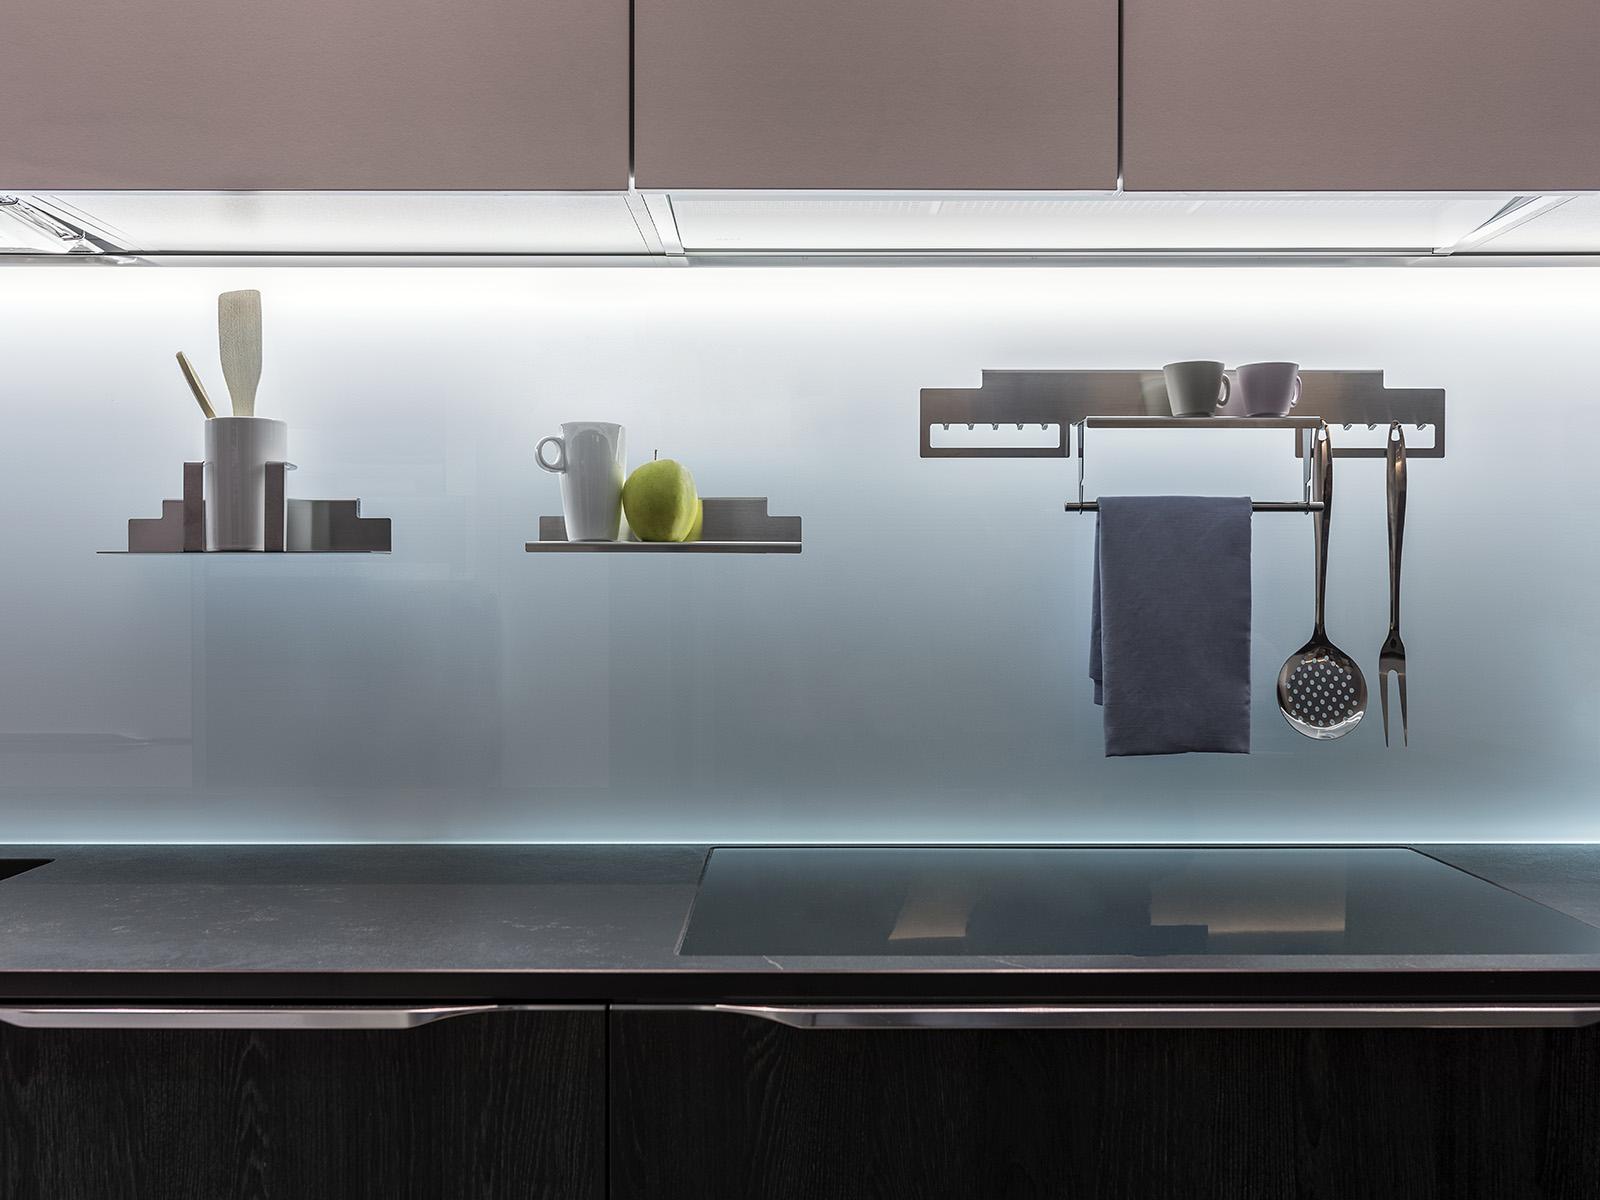 Magnetolab funzionalit praticit e design in cucina arredamenti papa a comerio va - Schienale cucina in vetro temperato ...